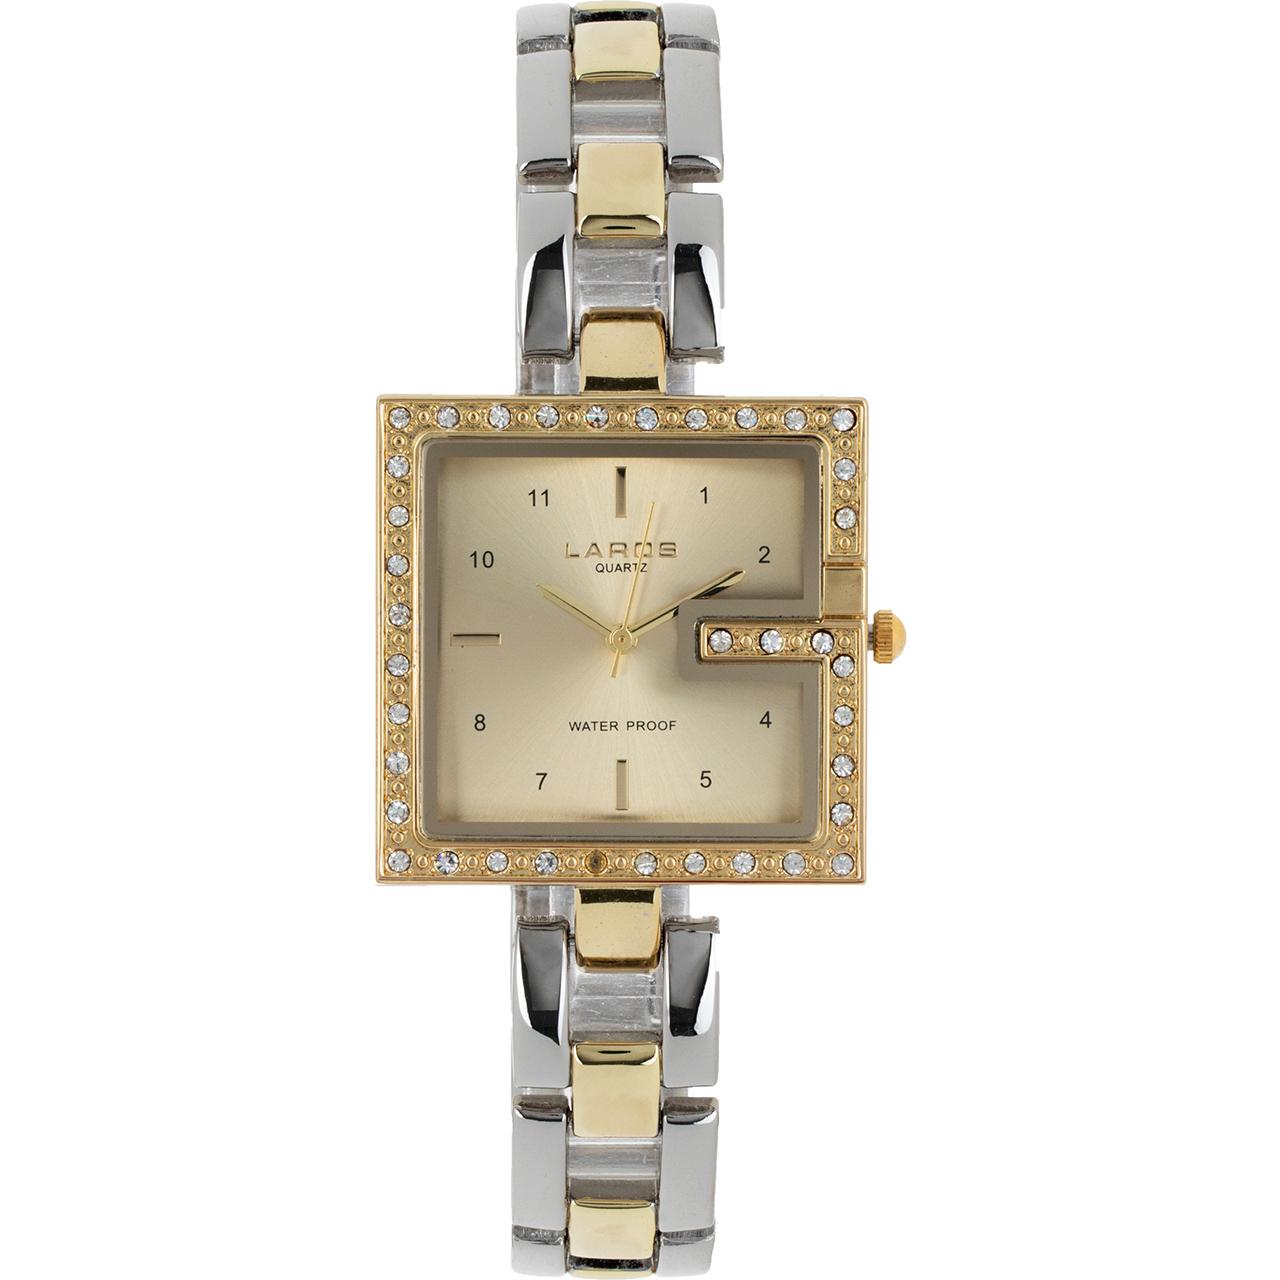 خرید ساعت مچی عقربه ای زنانه لاروس مدل No 1114-79496a